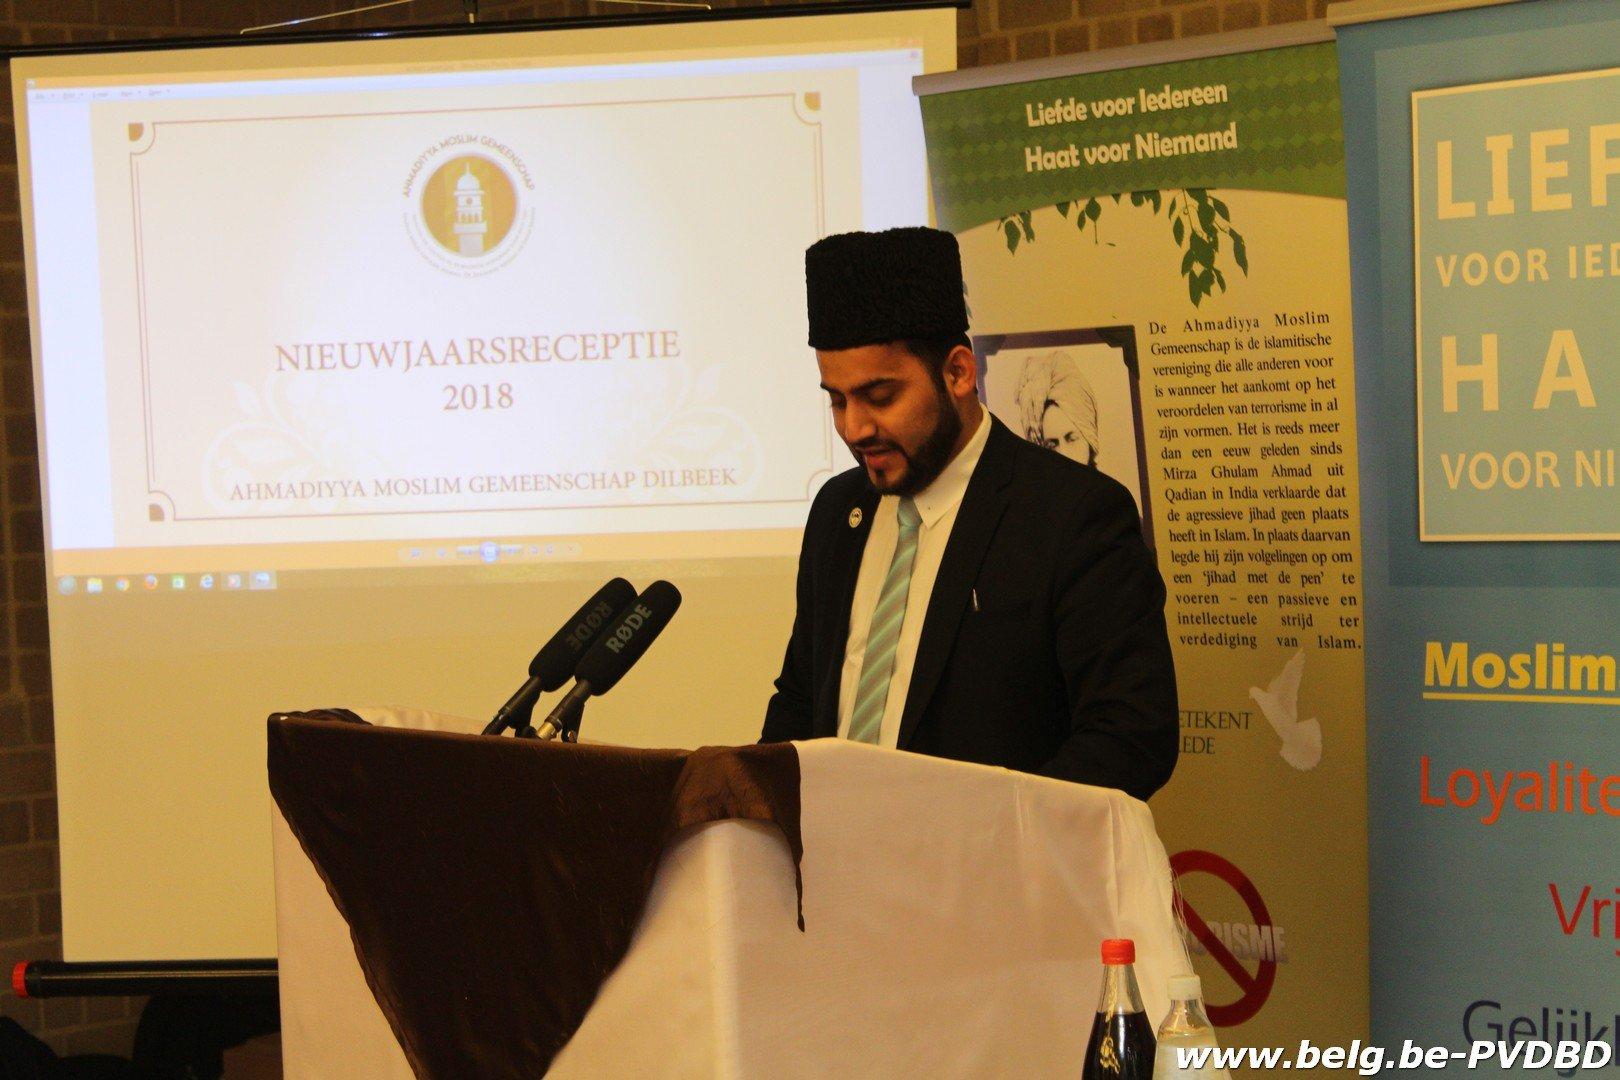 Gezellige nieuwjaarsreceptie bij Ahmadiyya Moslim gemeenschap van Dilbeek - IMG 6387